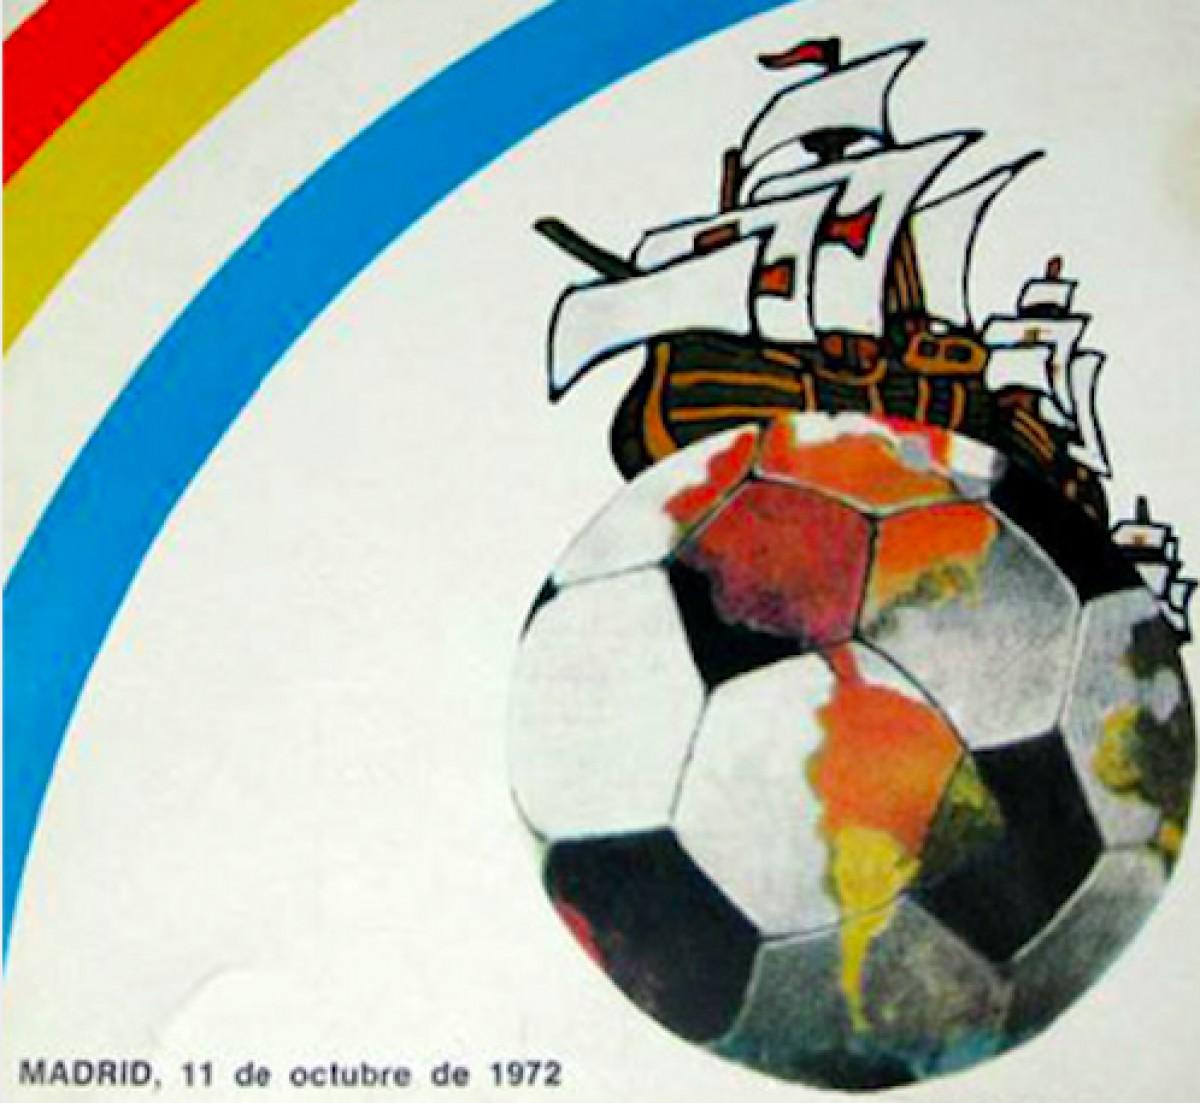 Cartell de la primera edició de la Copa de la Hispanitat, corresponent a 1972